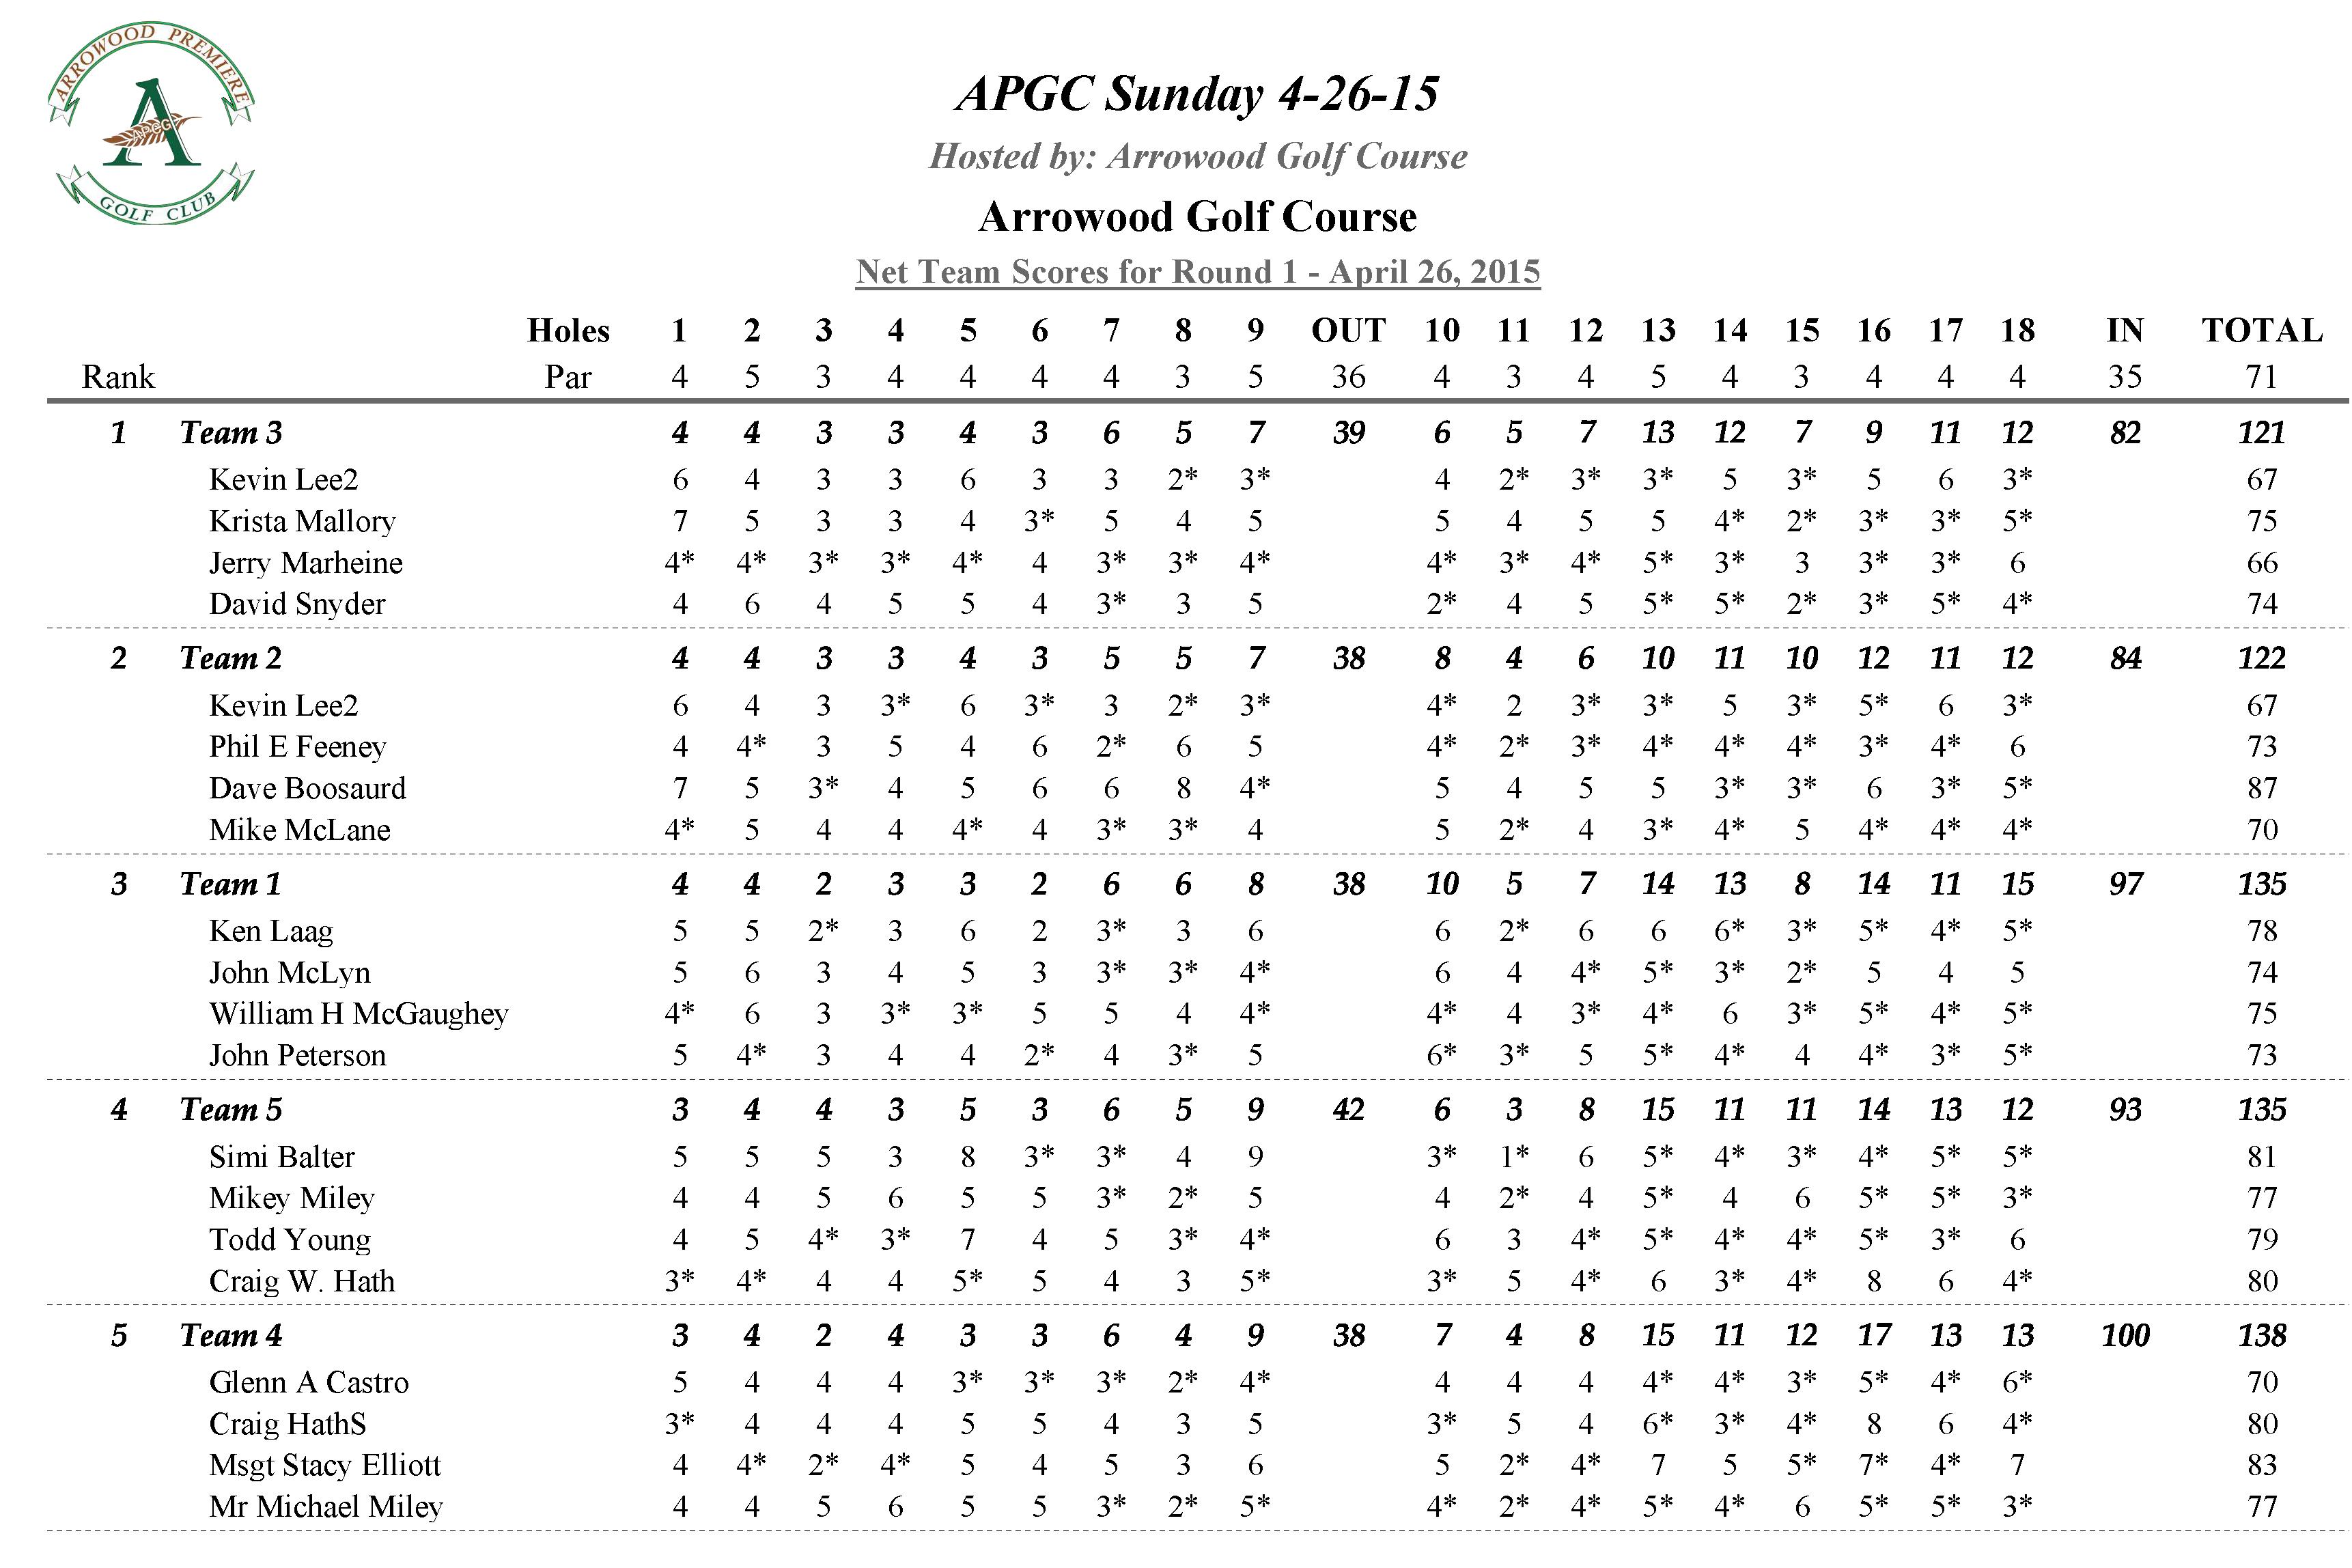 APGC 4-26-15